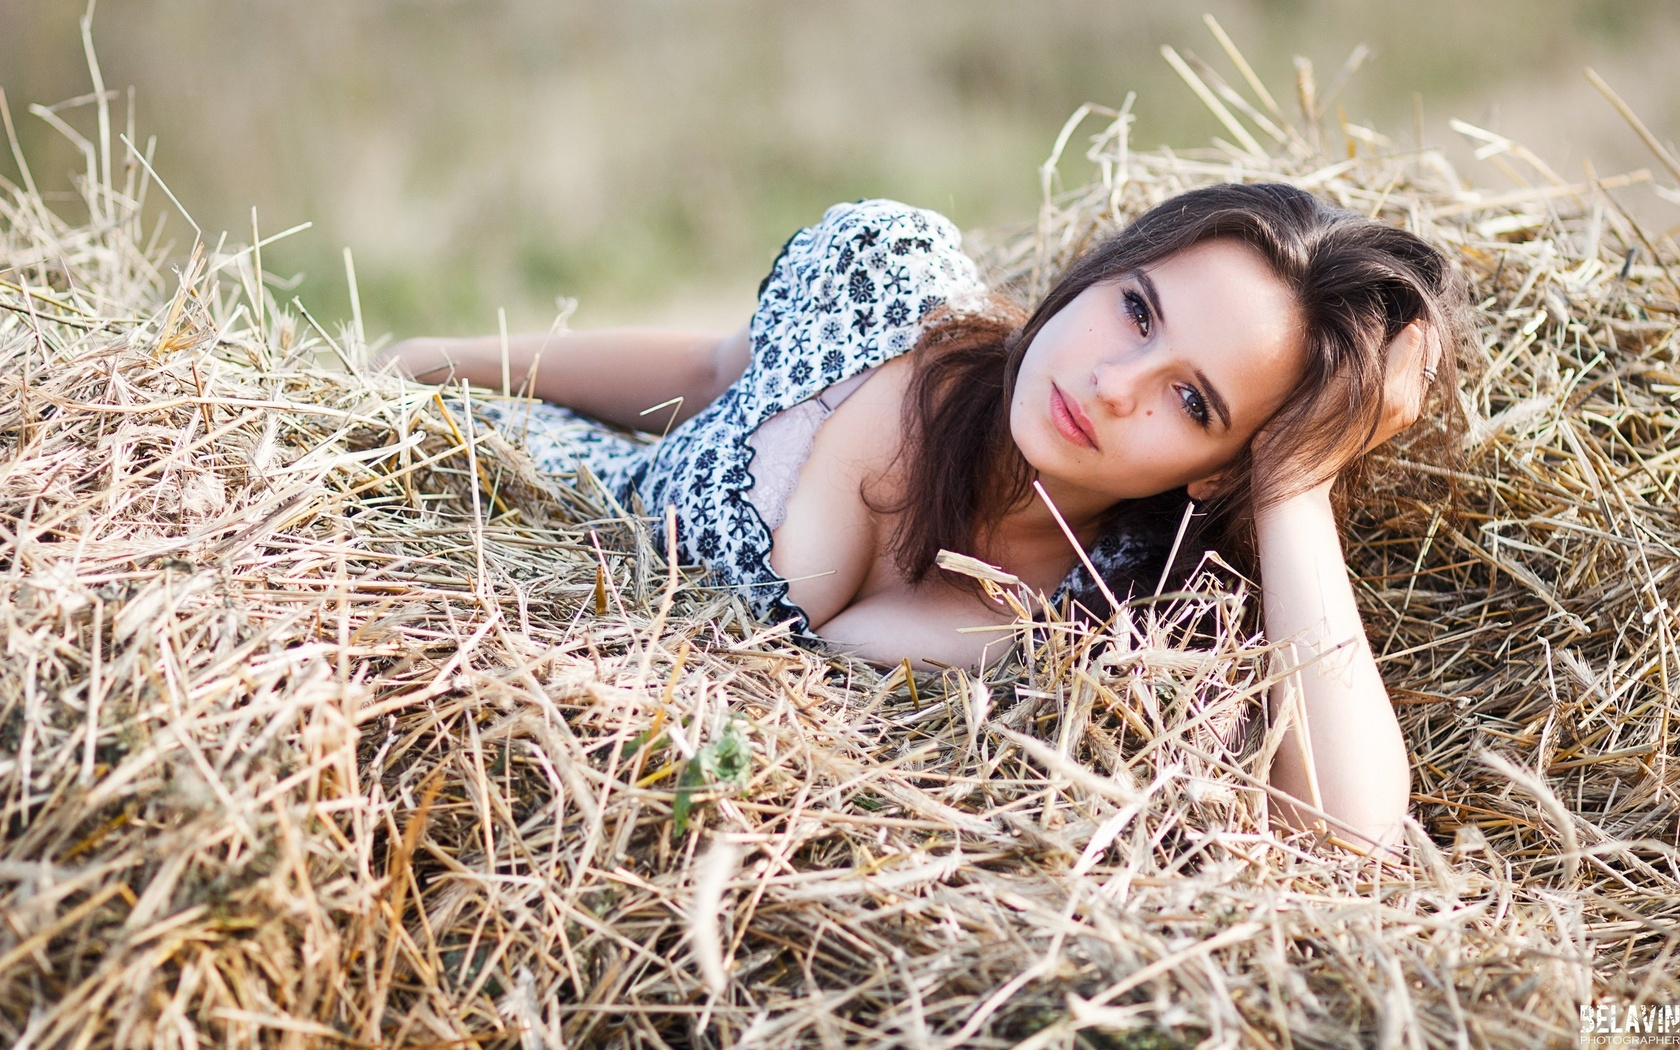 Рассказ с тетей на сеновале, Порно рассказ «Сеновал и деревенская оргия 1 фотография